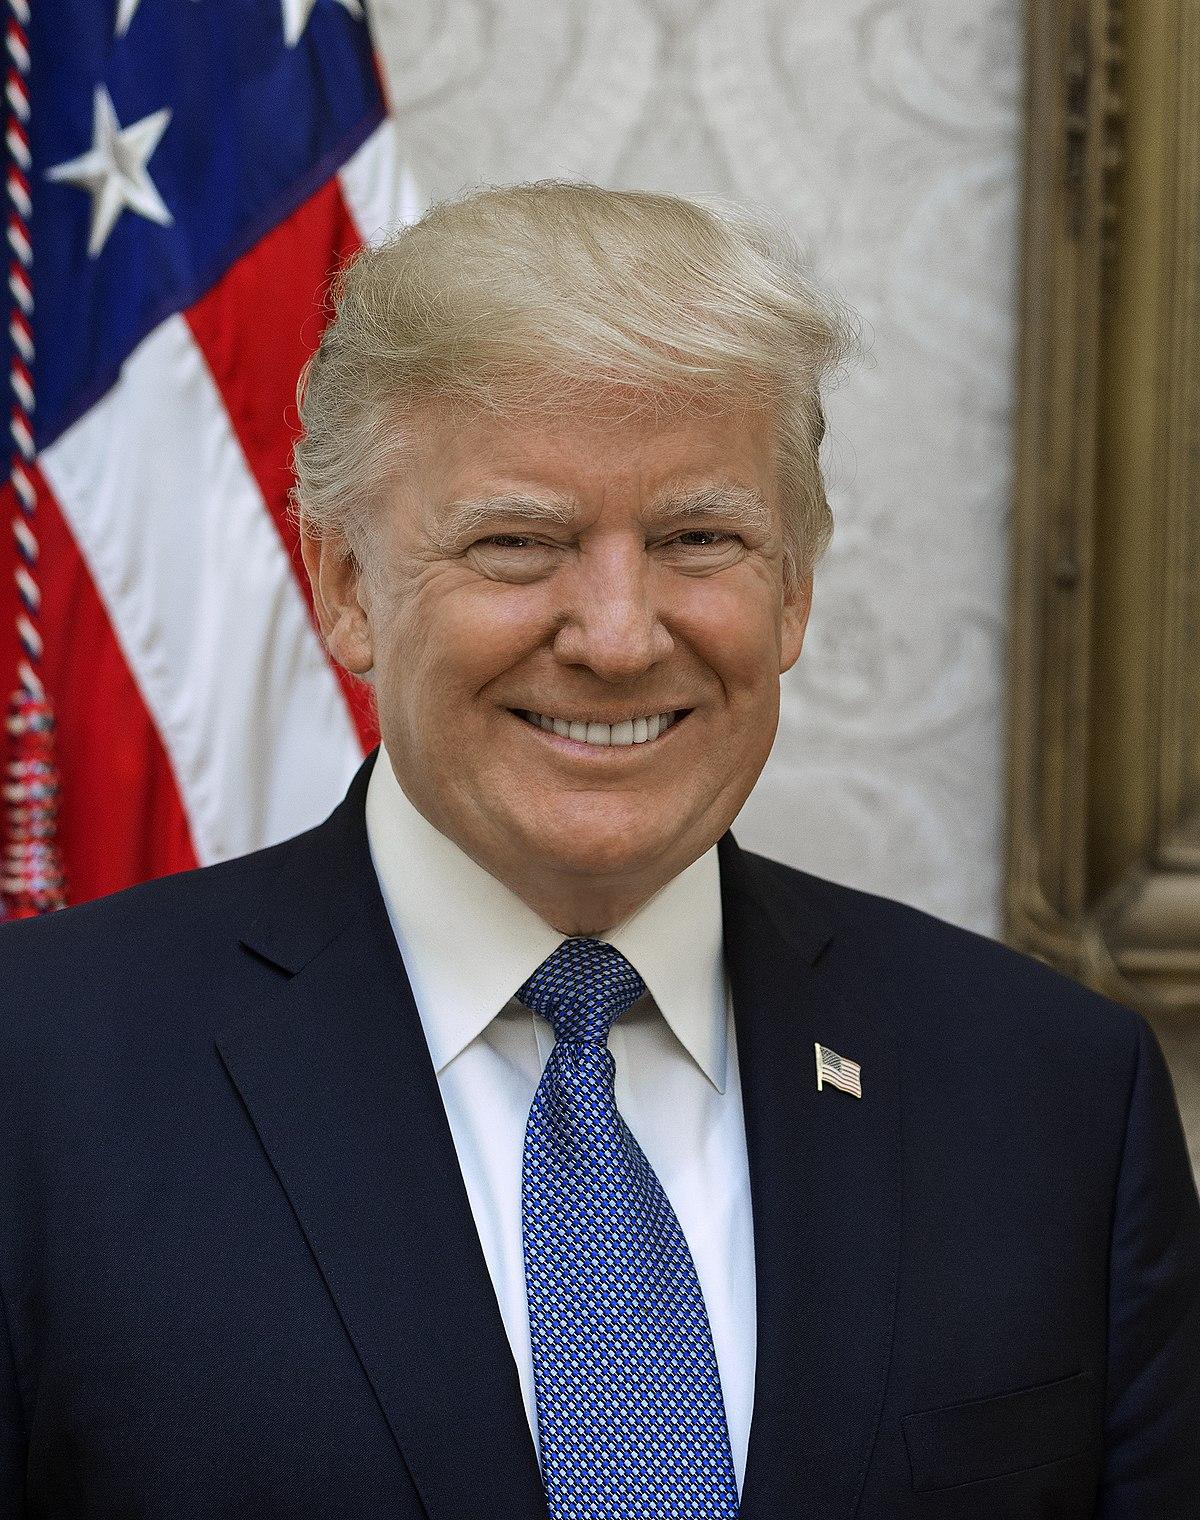 डोनाल्ड ट्रम्पः रियल स्टेट कारोबारी देखि राष्ट्रपतिसम्म, ट्रम्पको कार्यकालमा कसरी बदलियो विश्व?